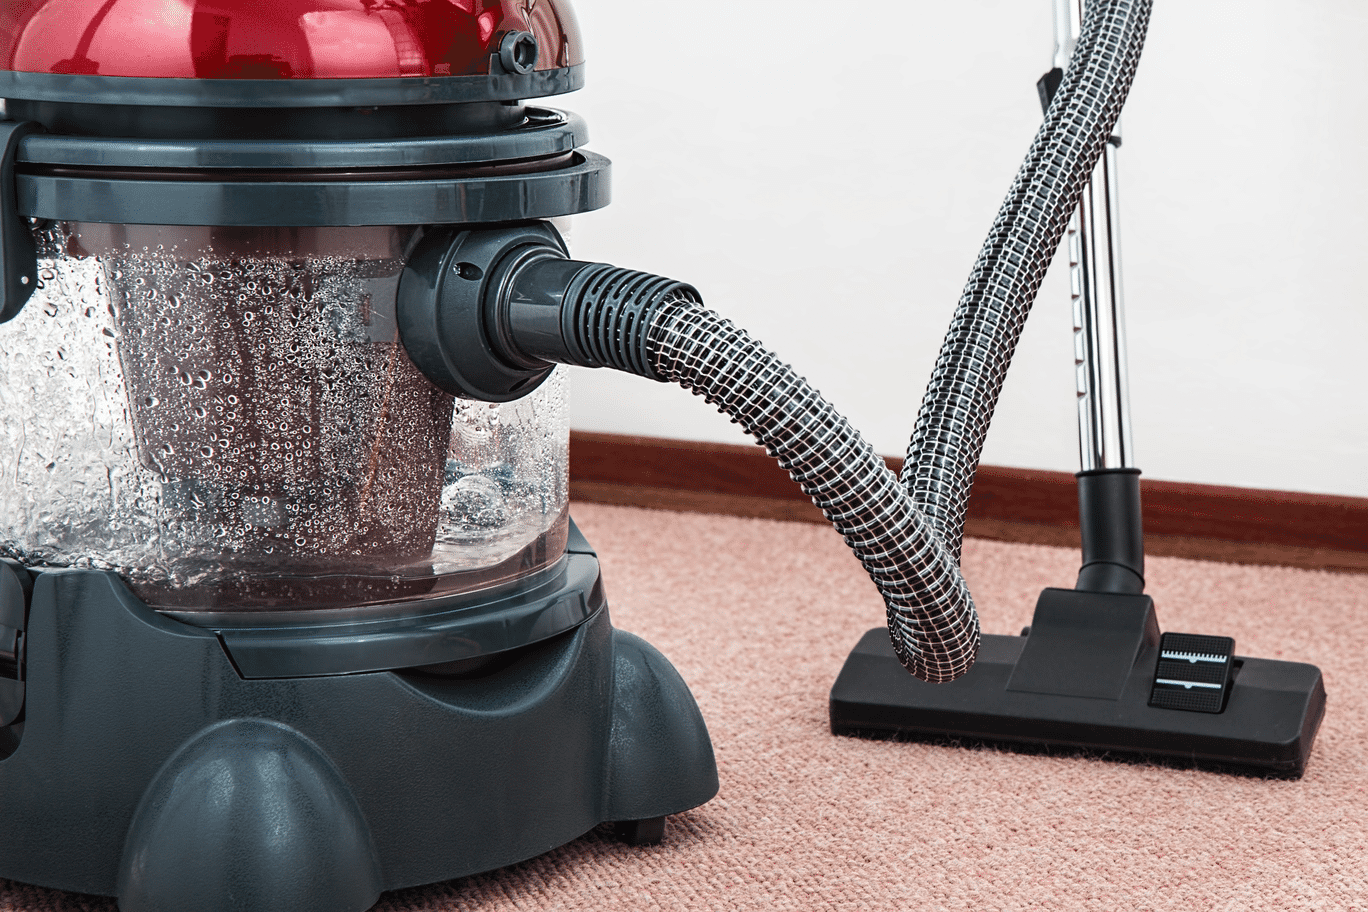 All Vacuum Comparision